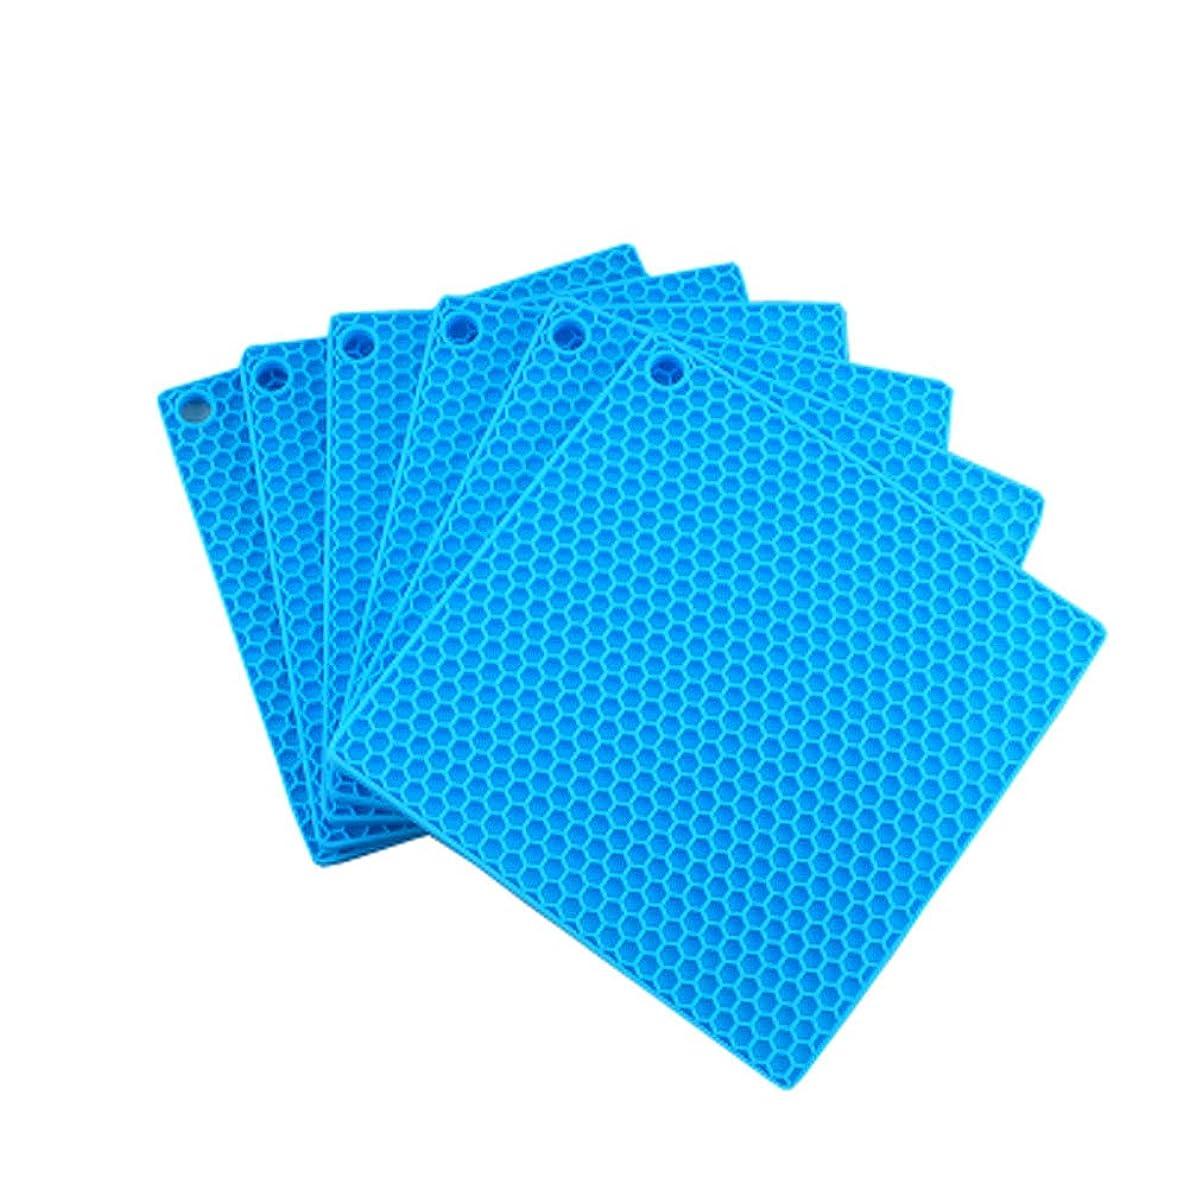 お香注文栄光の6つのエレガントな防水スクエアシリコーンプレースマット、ブルーのセット